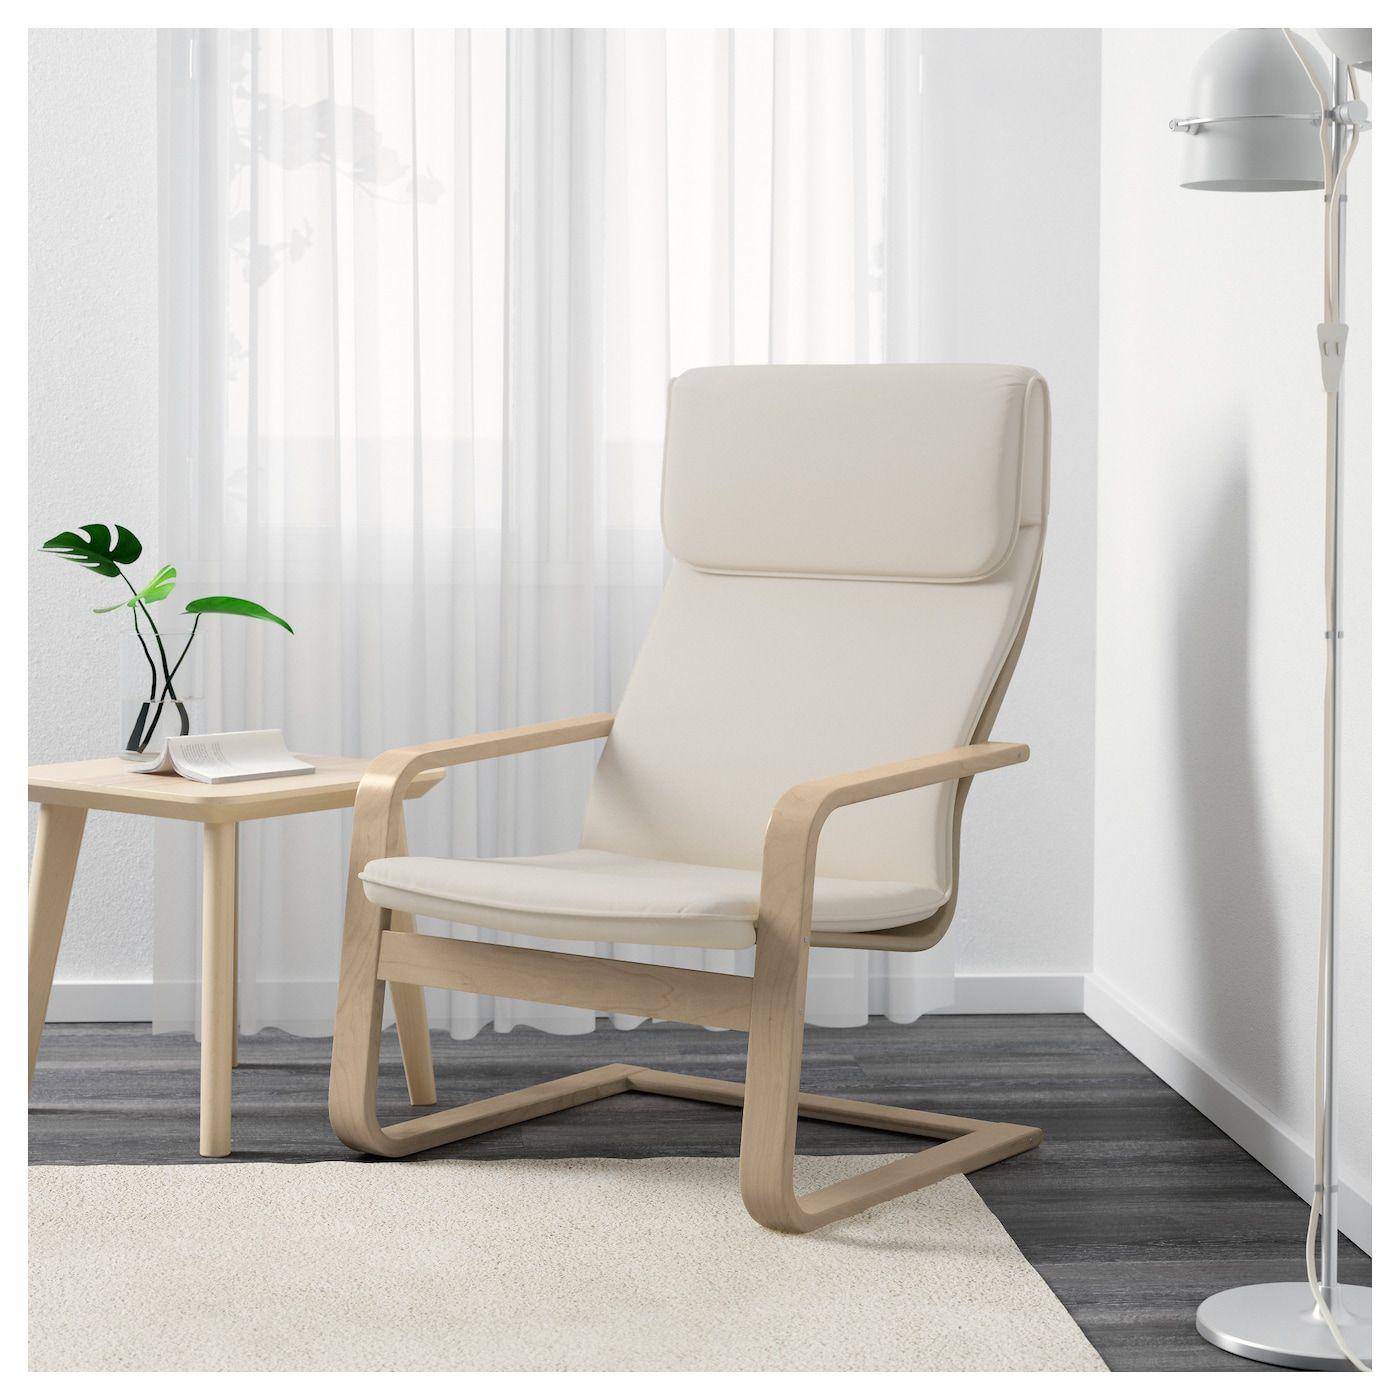 ИКЕА - официальный интернет-магазин мебели  Ikea armchair